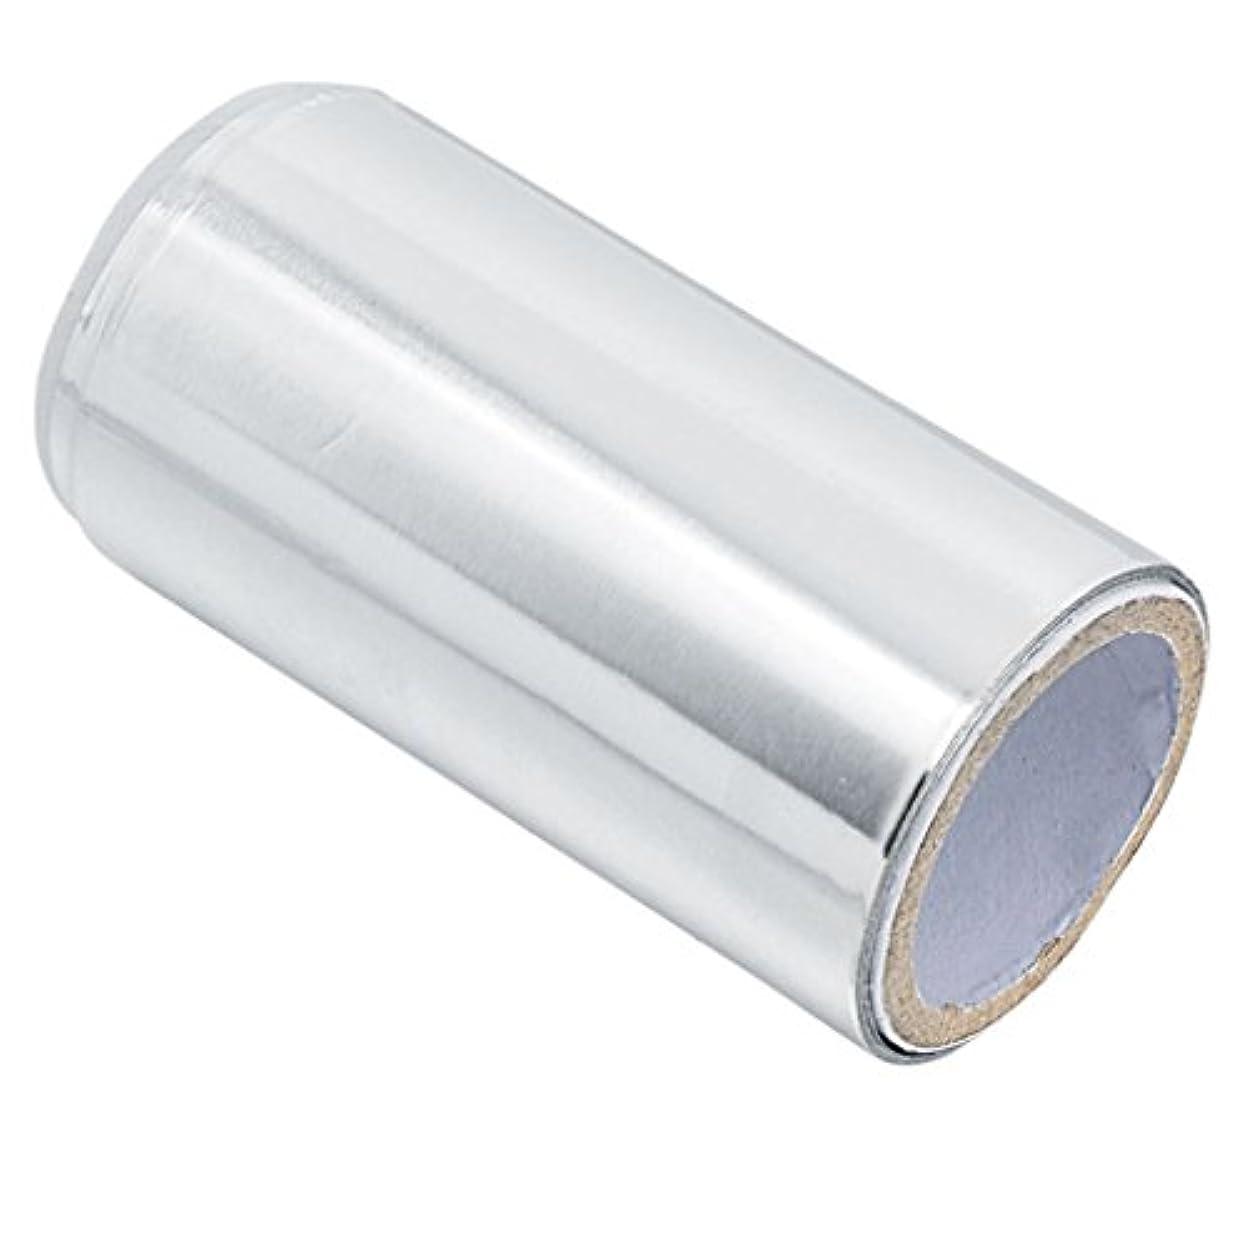 どちらか外向き愛情深いCUTICATE マニキュア錫箔紙 ヘア/ネイル用 ジェル除却 ヘアパーマ 約5m